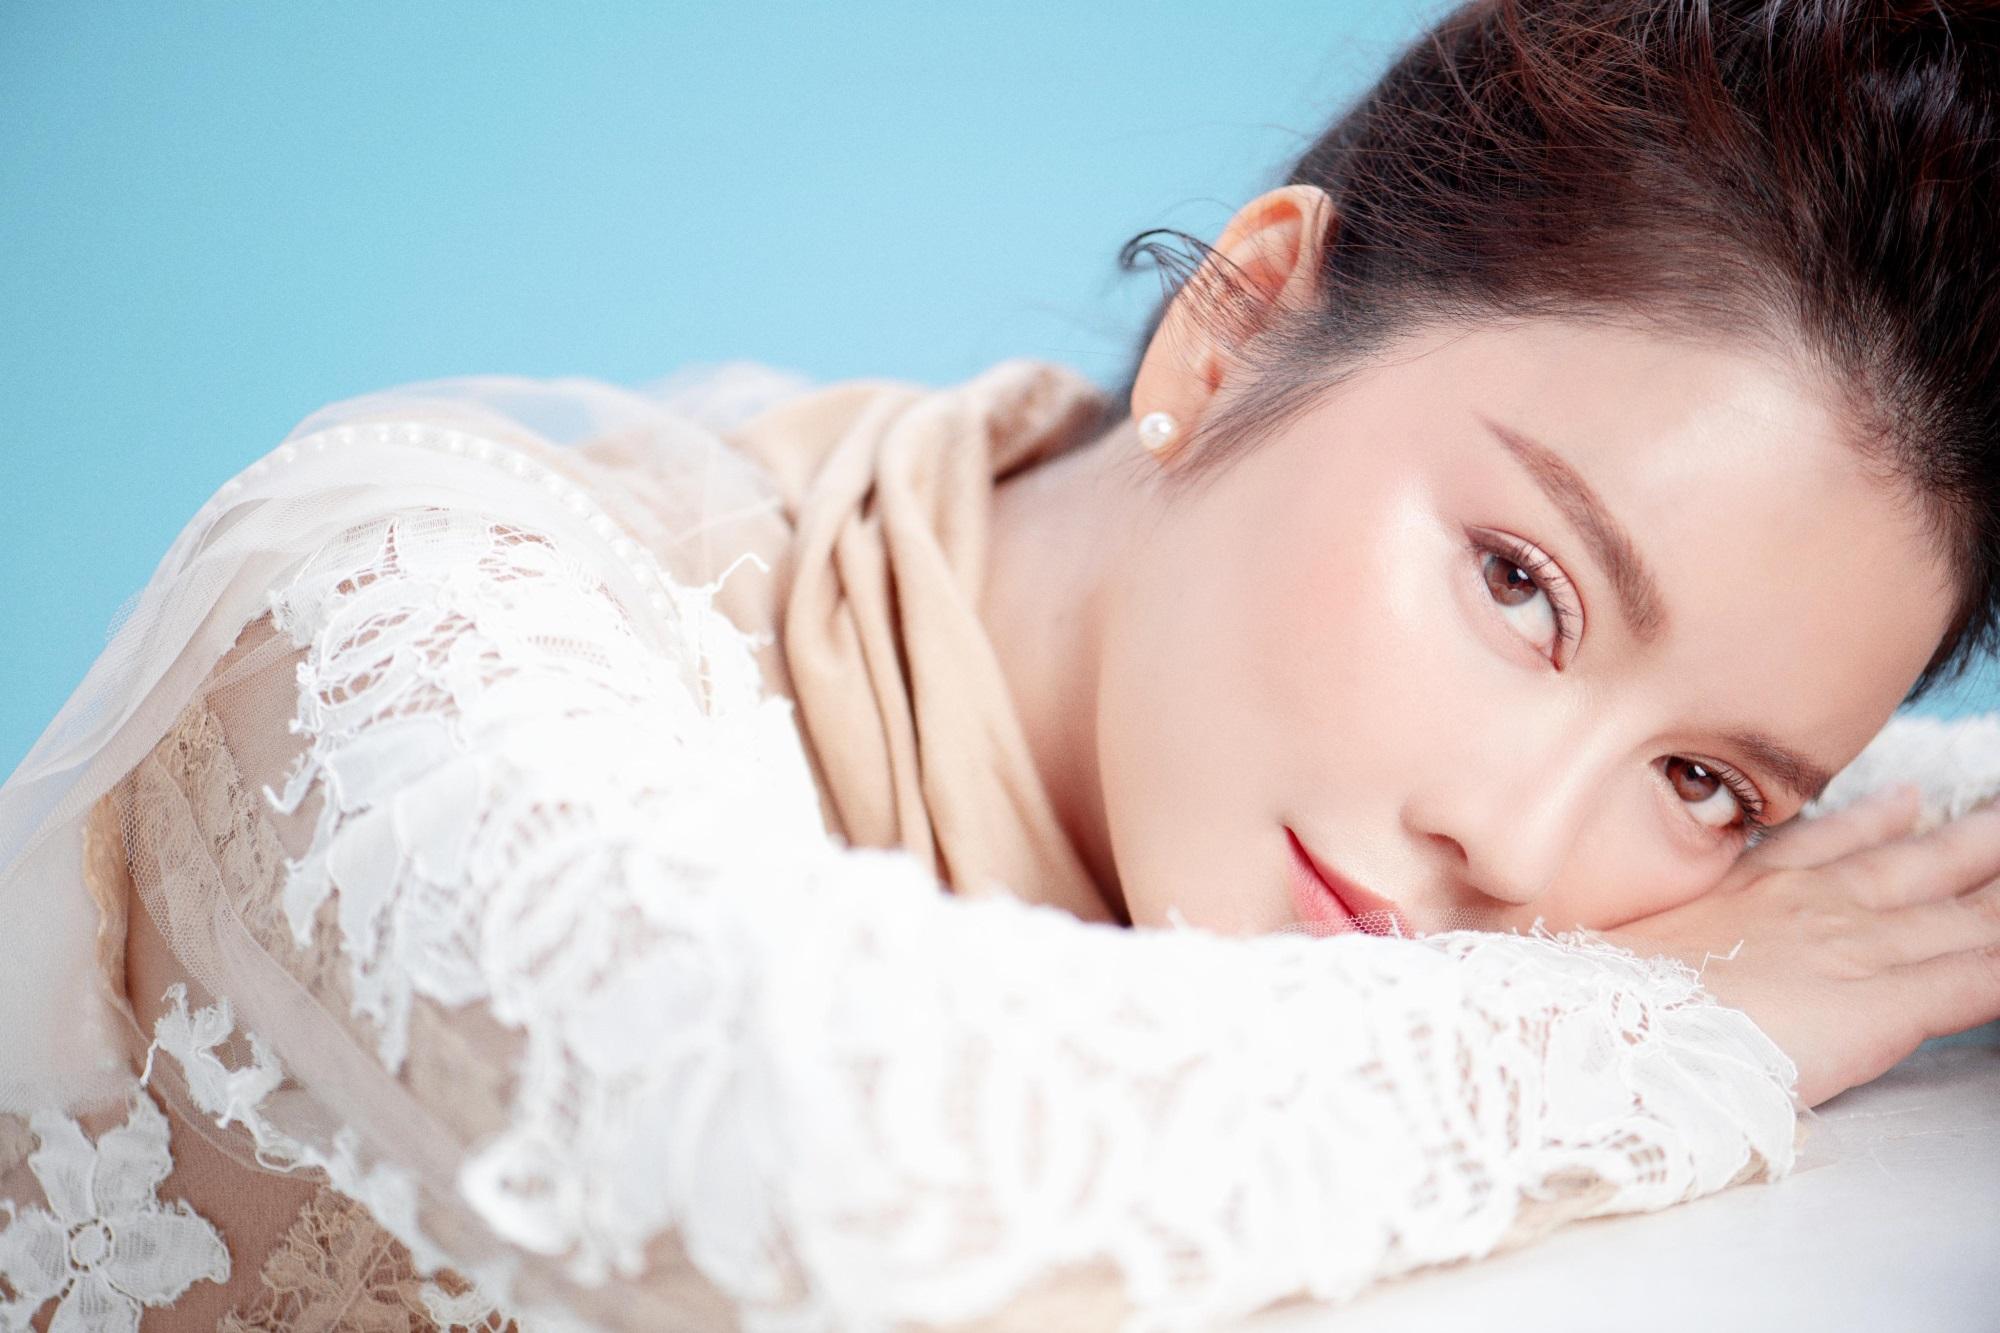 'Nữ hoàng kim cương' Lý Nhã Kỳ khiến fan mê mệt khi diện trang phục xẻ ngực gợi cảm - Ảnh 10